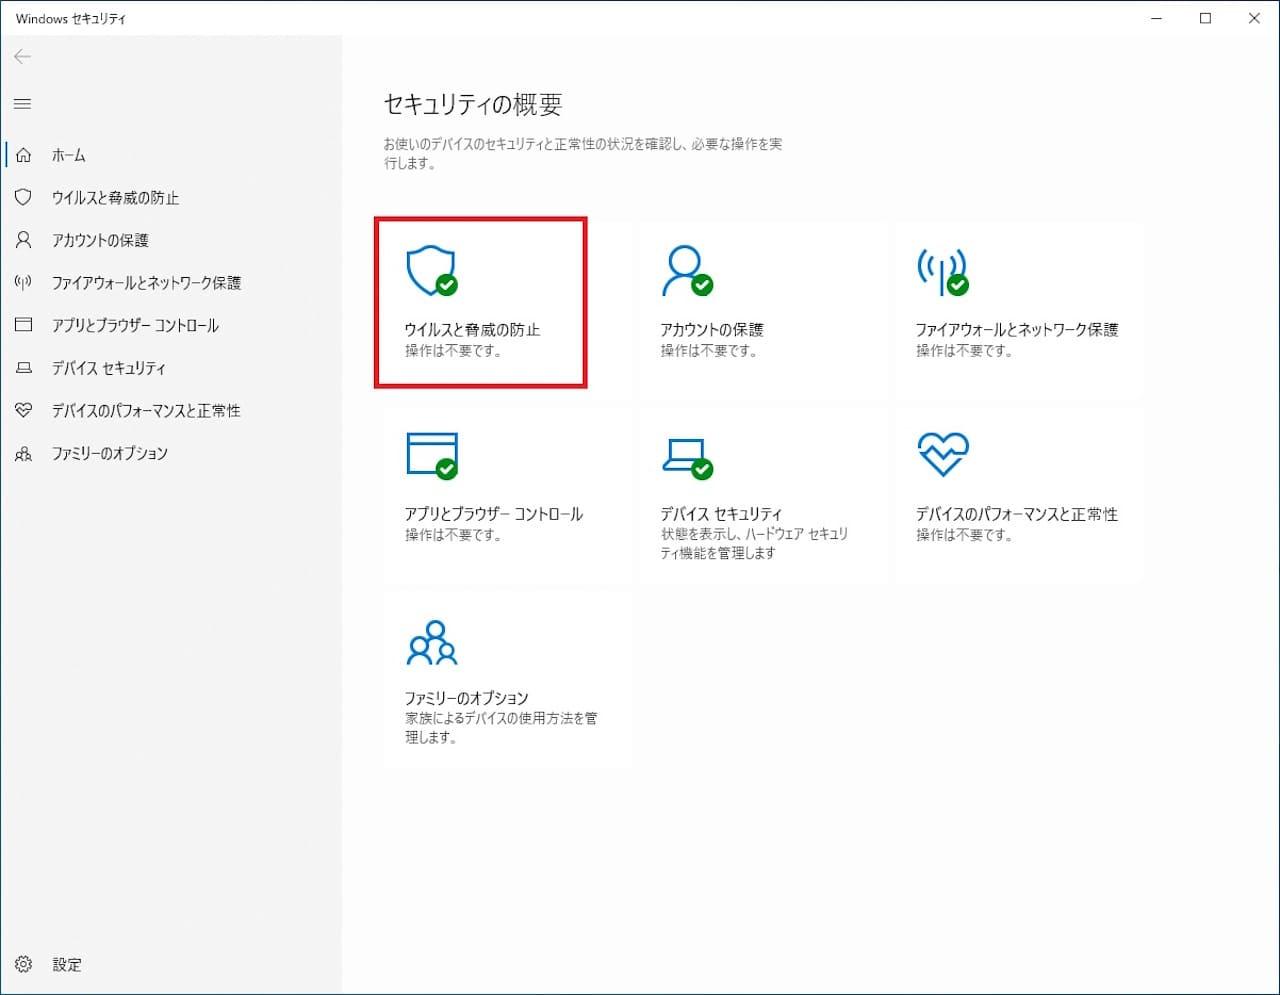 Windowsセキュリティの設定と更新方法⑦